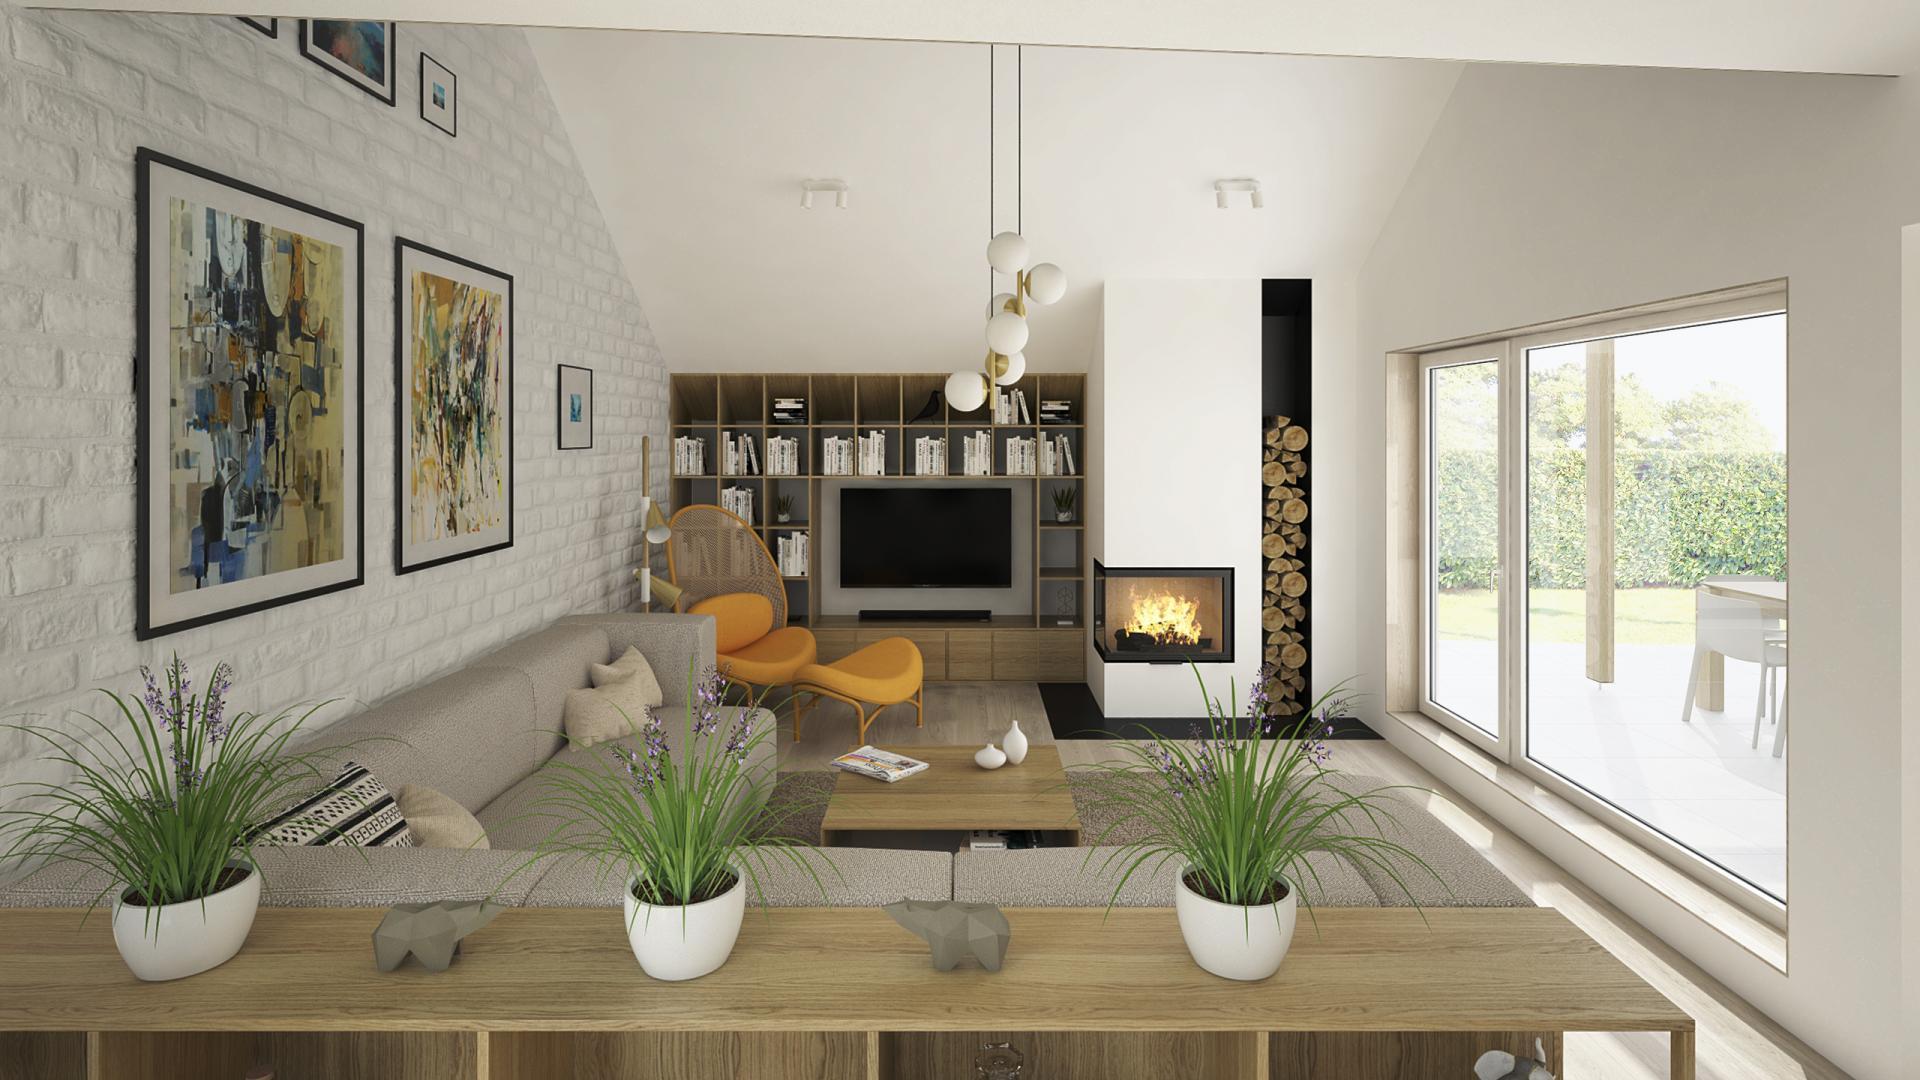 Stupava - rekonštrukcia interiéru rodinného domu